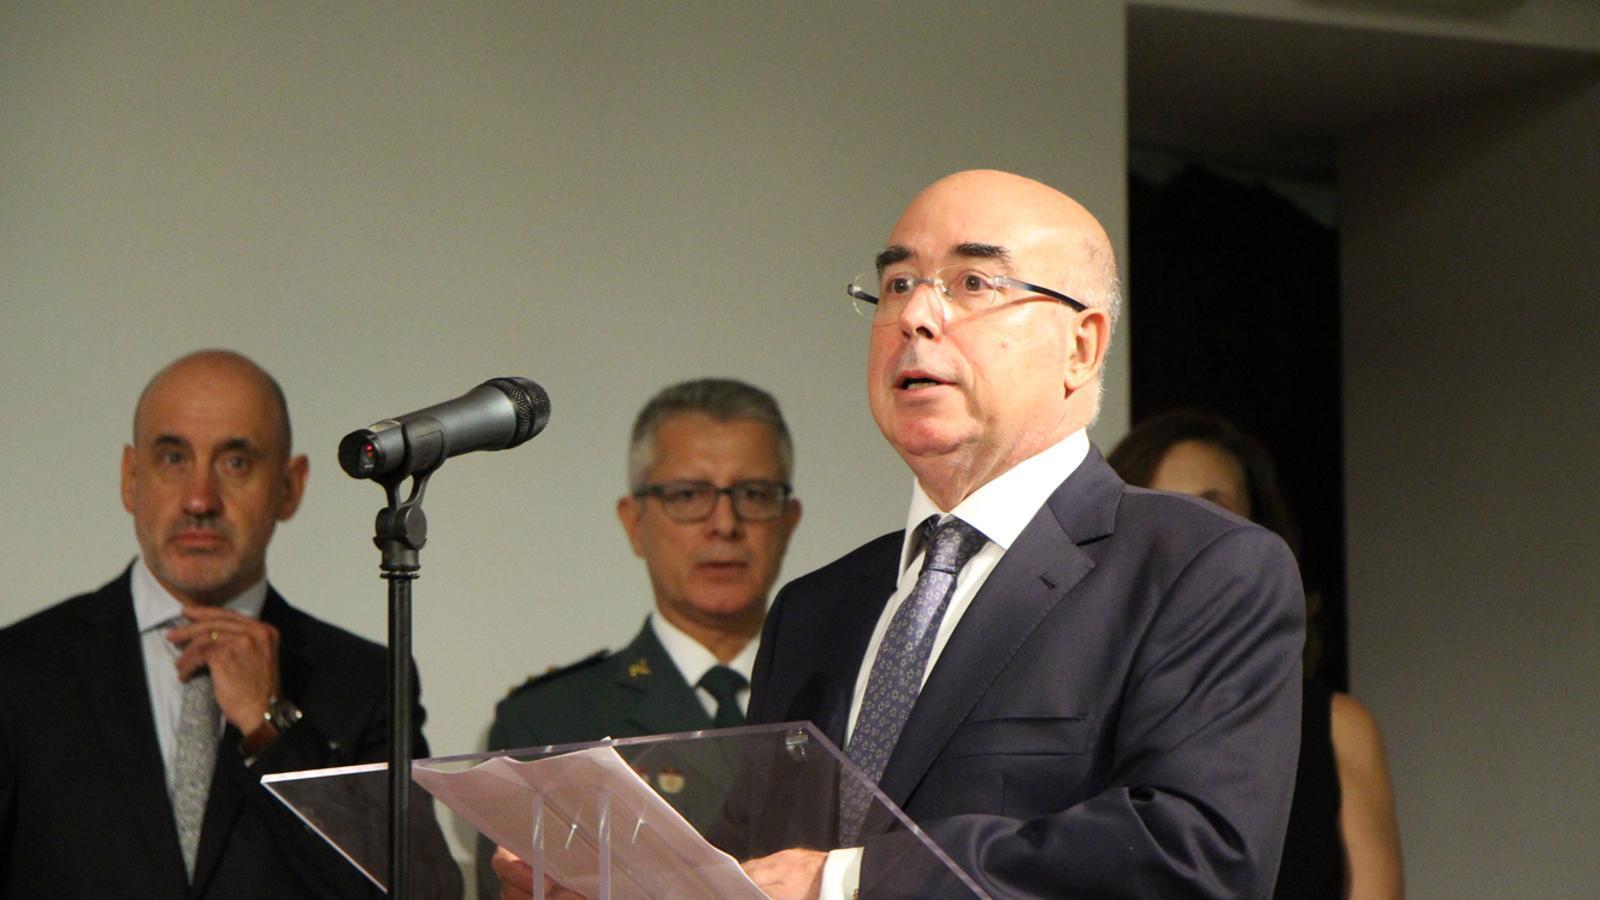 L'ambaixador d'espanya a Andorra, Manuel Montobbio, en un acte institucional celebrat l'octubre passat. / M. M.  (ANA)